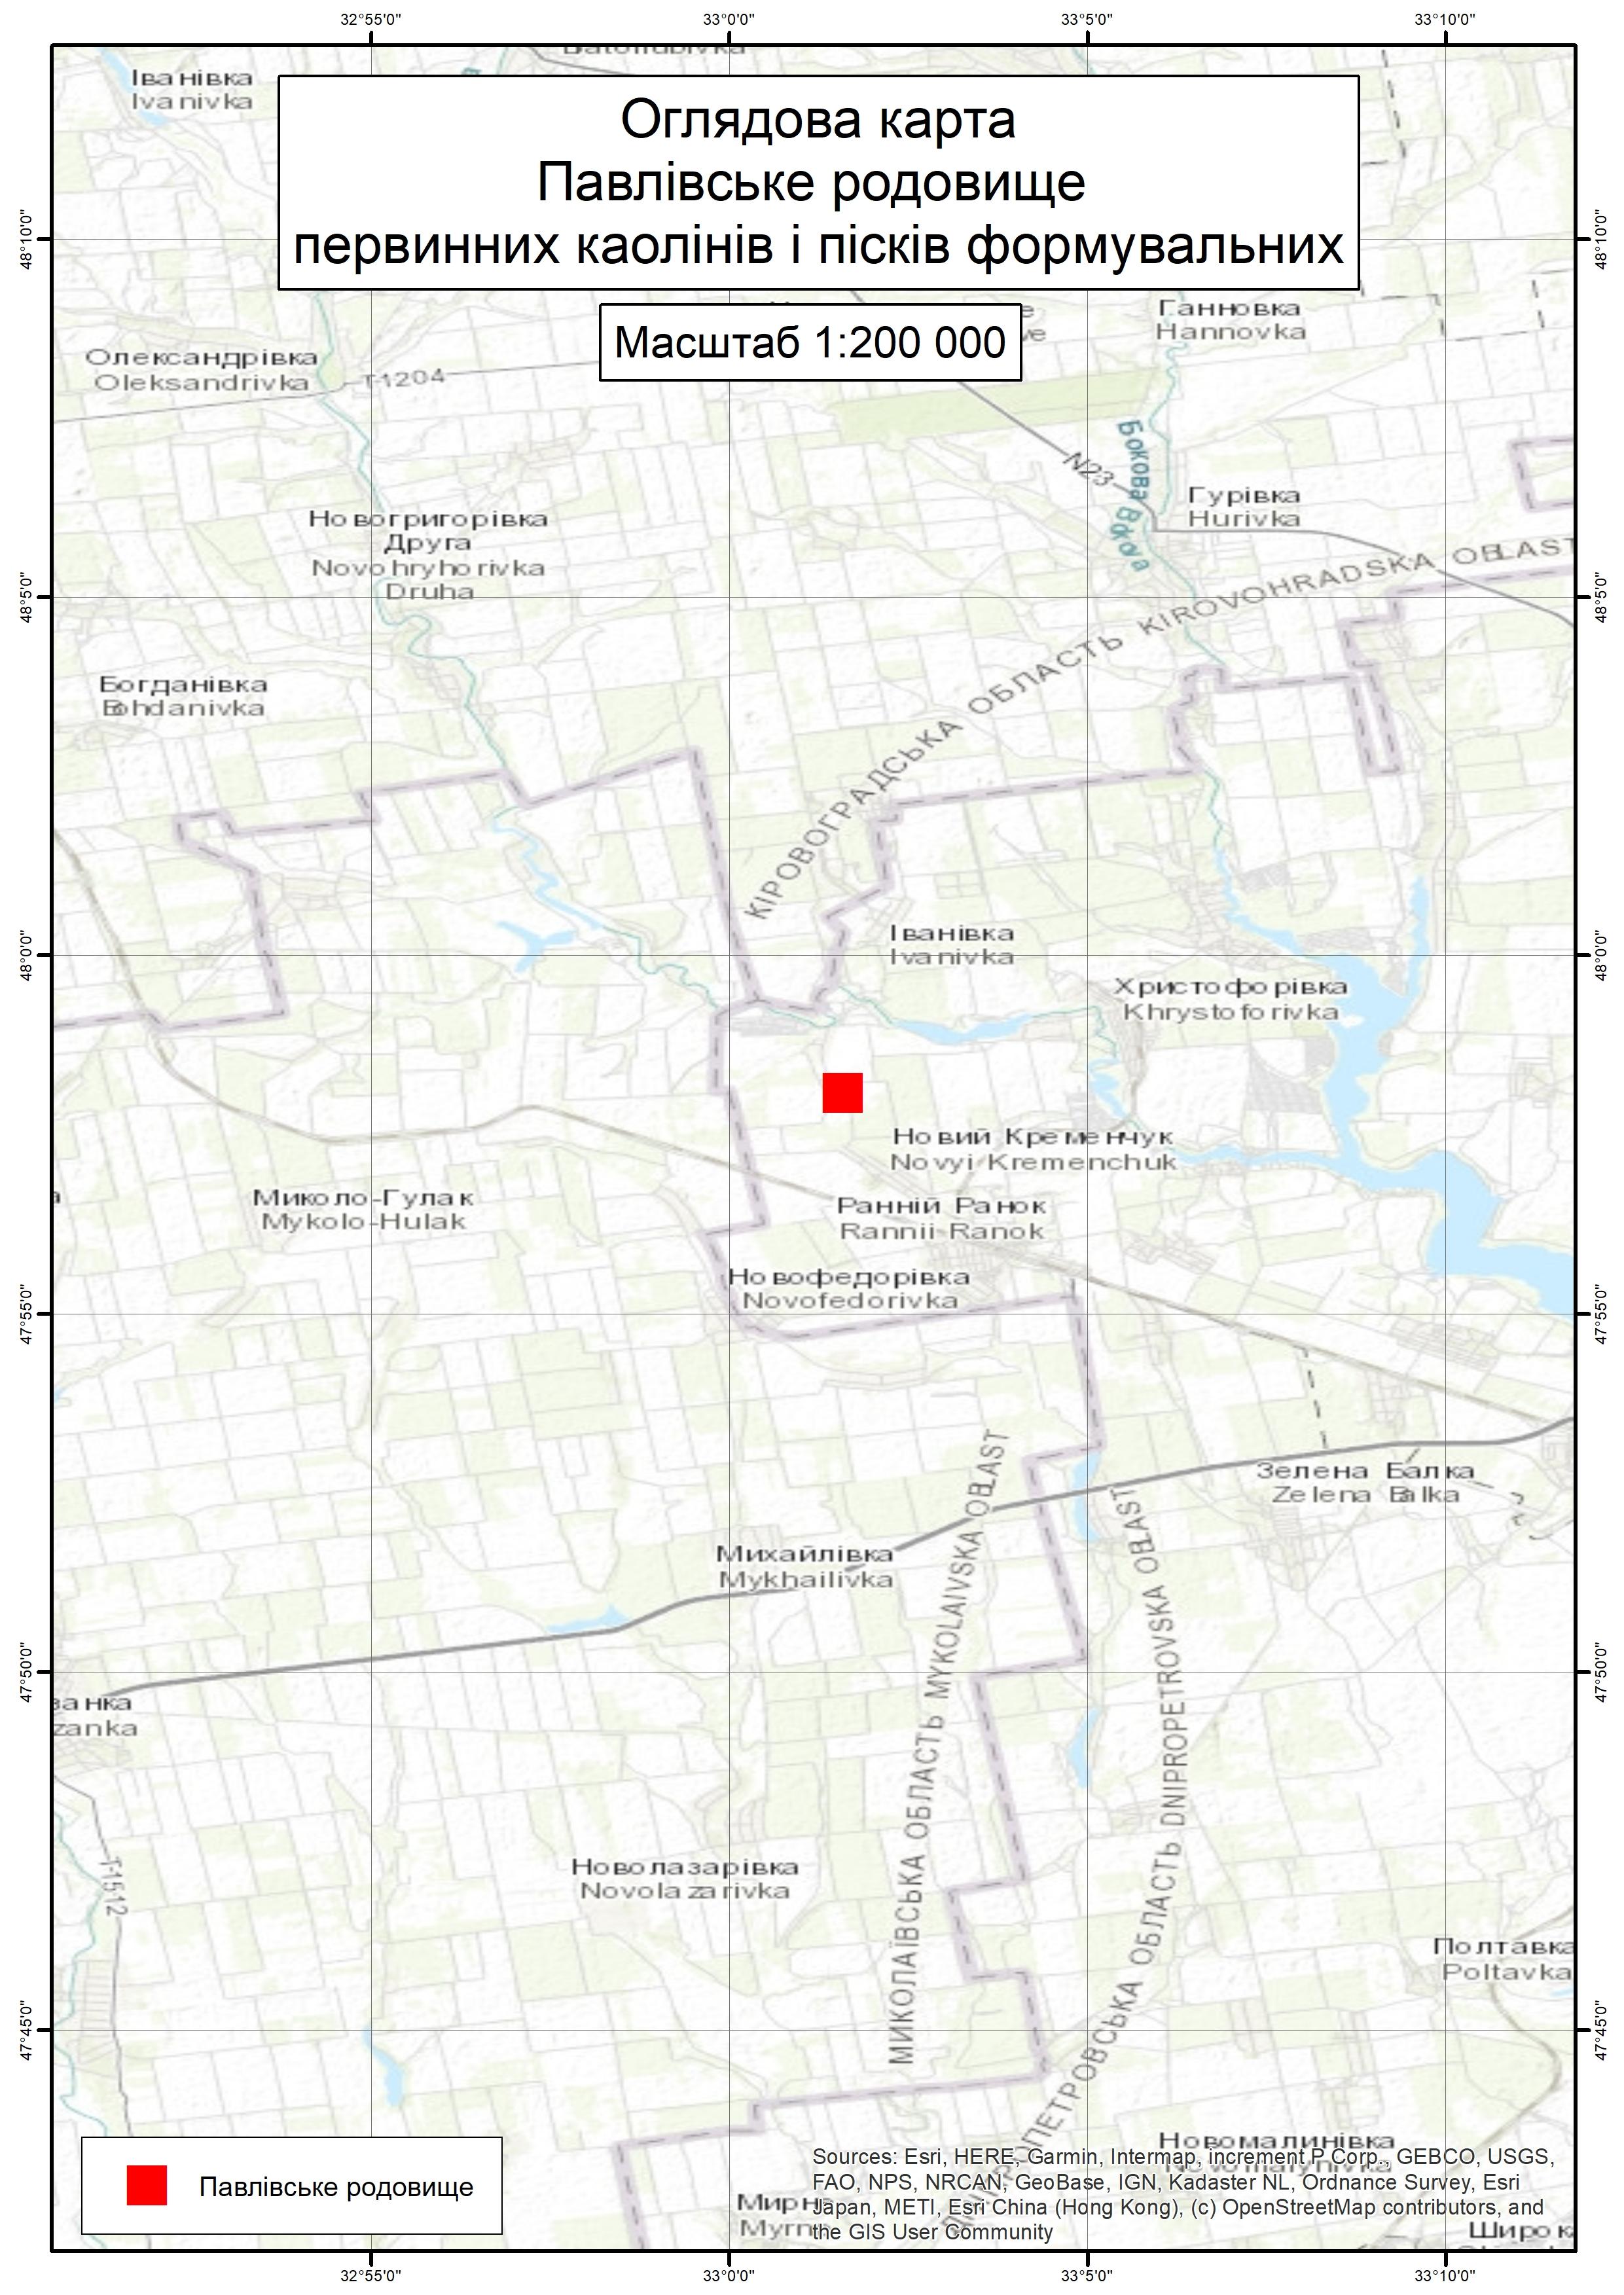 Спеціальний дозвіл на користування надрами – Павлівське родовище. Вартість геологічної інформації – 39 298,86 грн (з ПДВ). Вартість пакету аукціонної документації – 72 550 грн (з ПДВ).